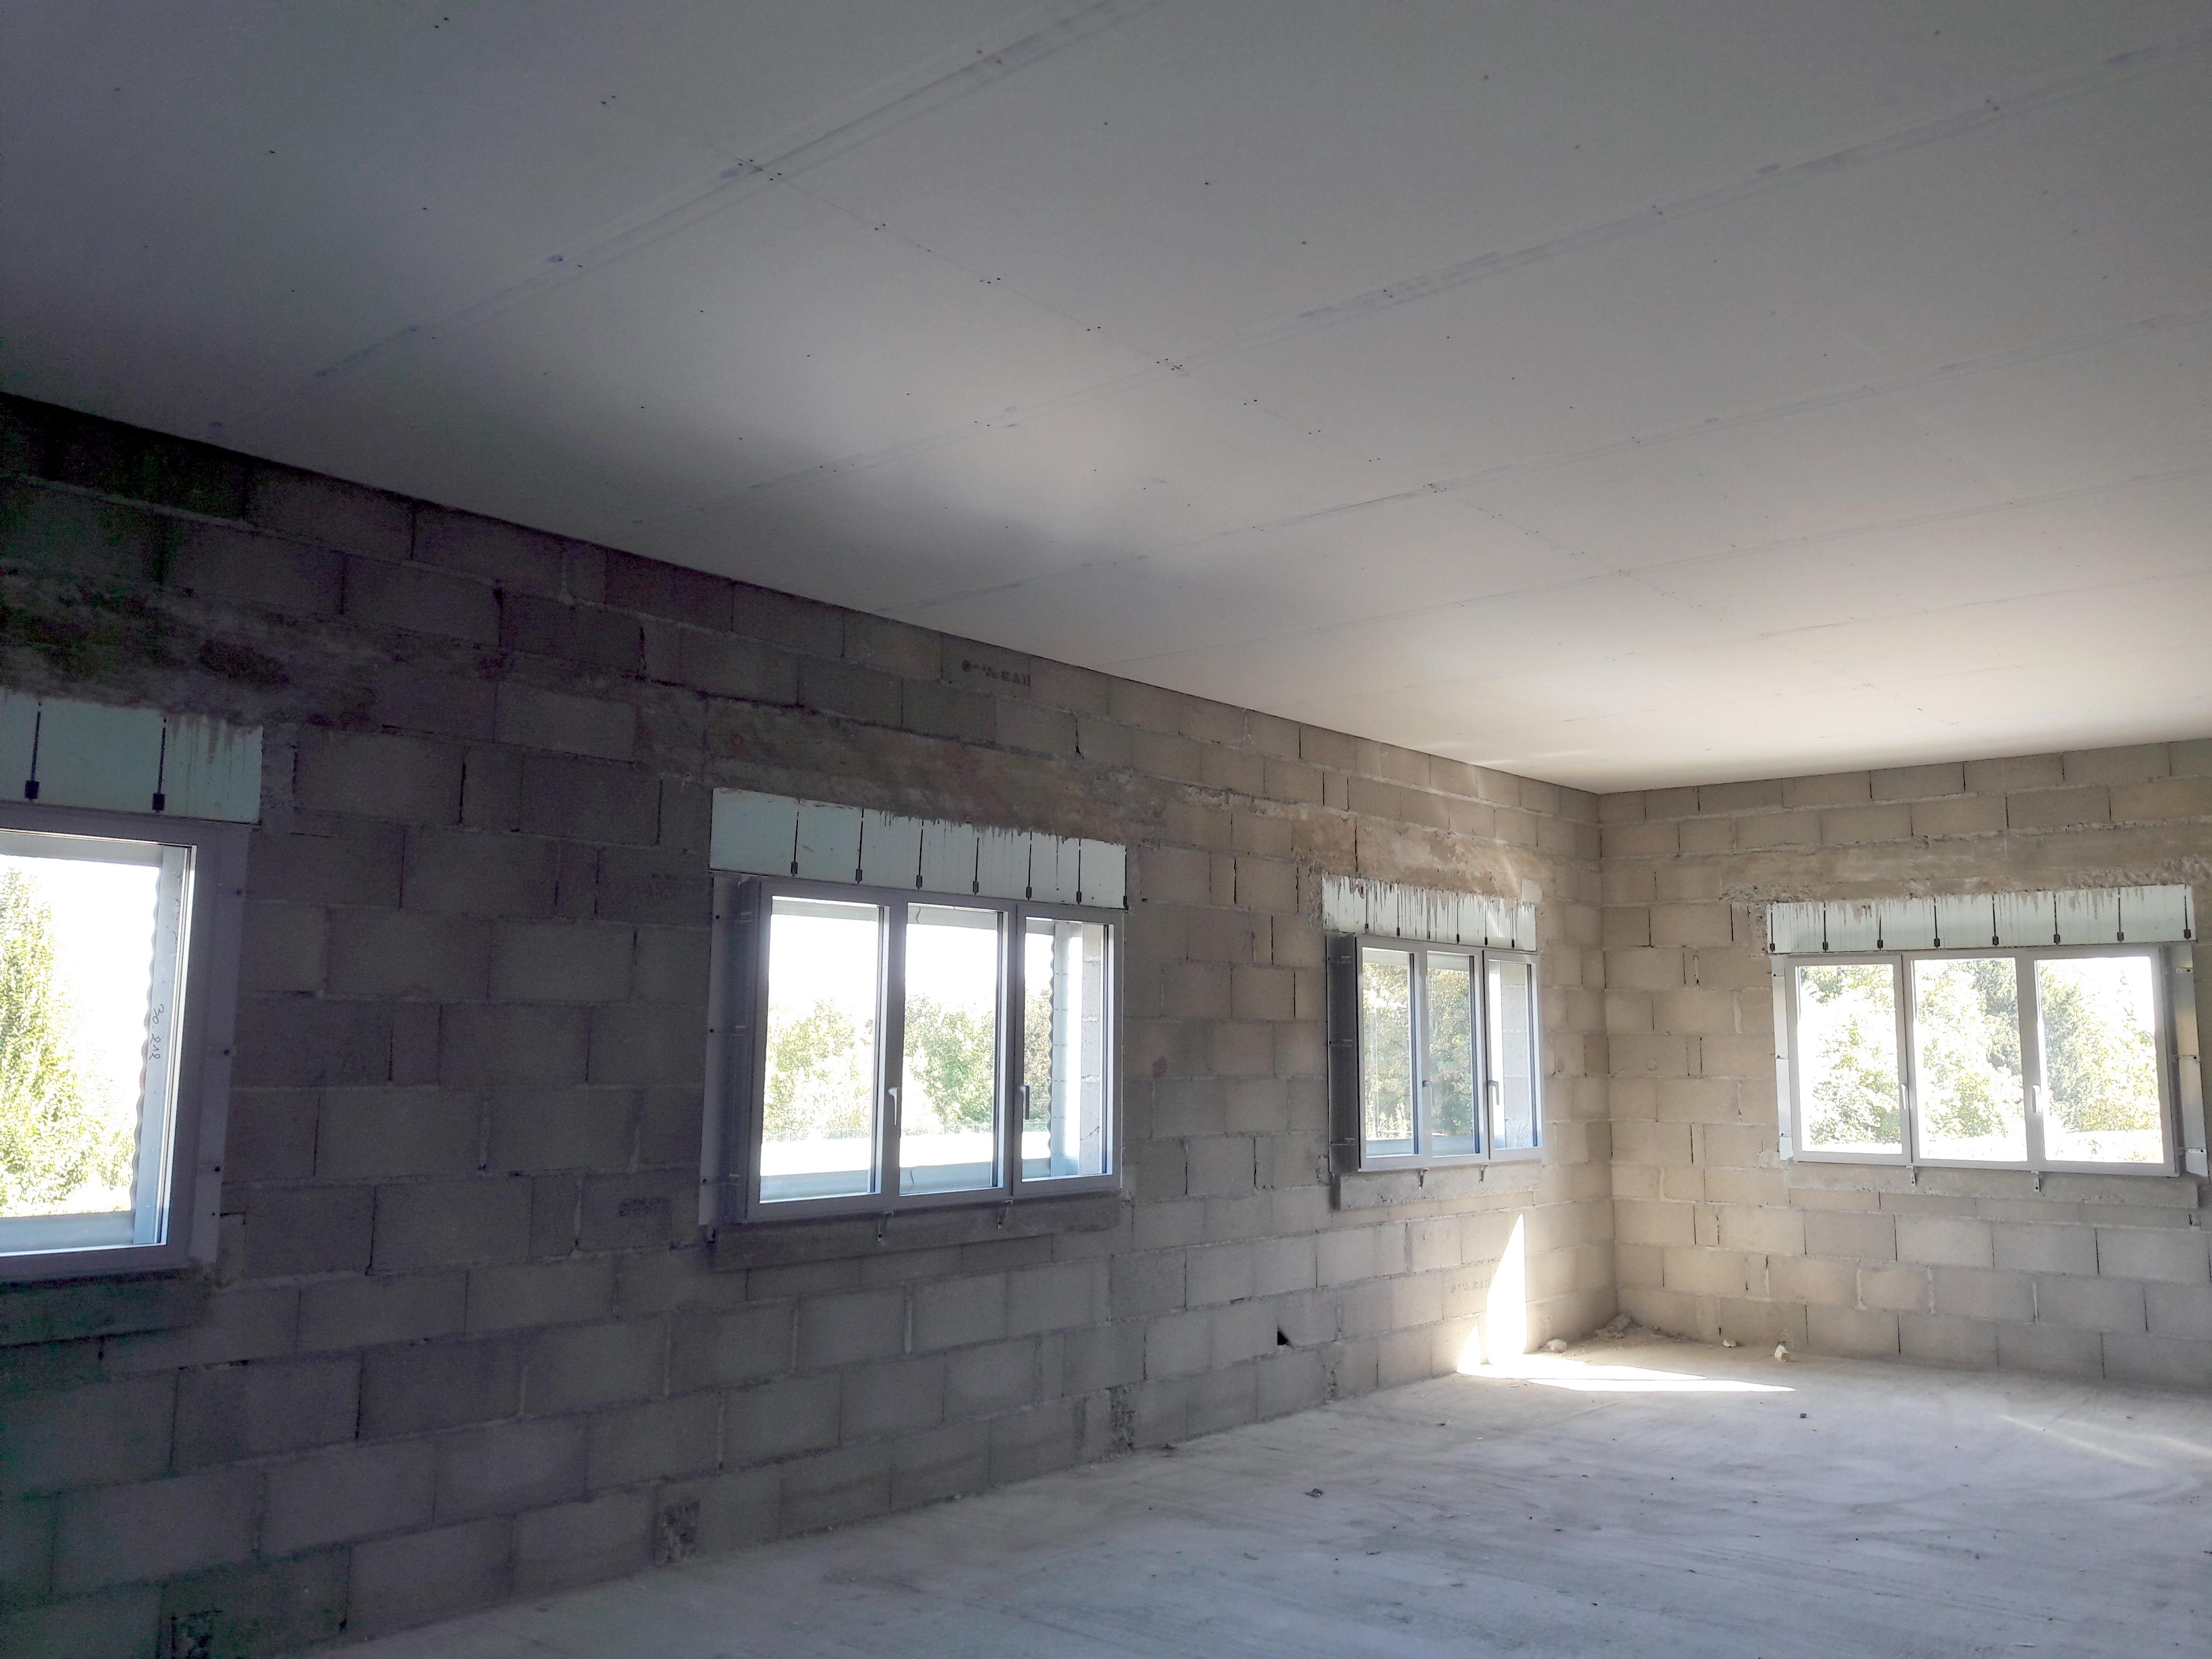 Plafond plaques de pl tre aba i am nagements bureaux et - Plafond aide a la complementaire ...